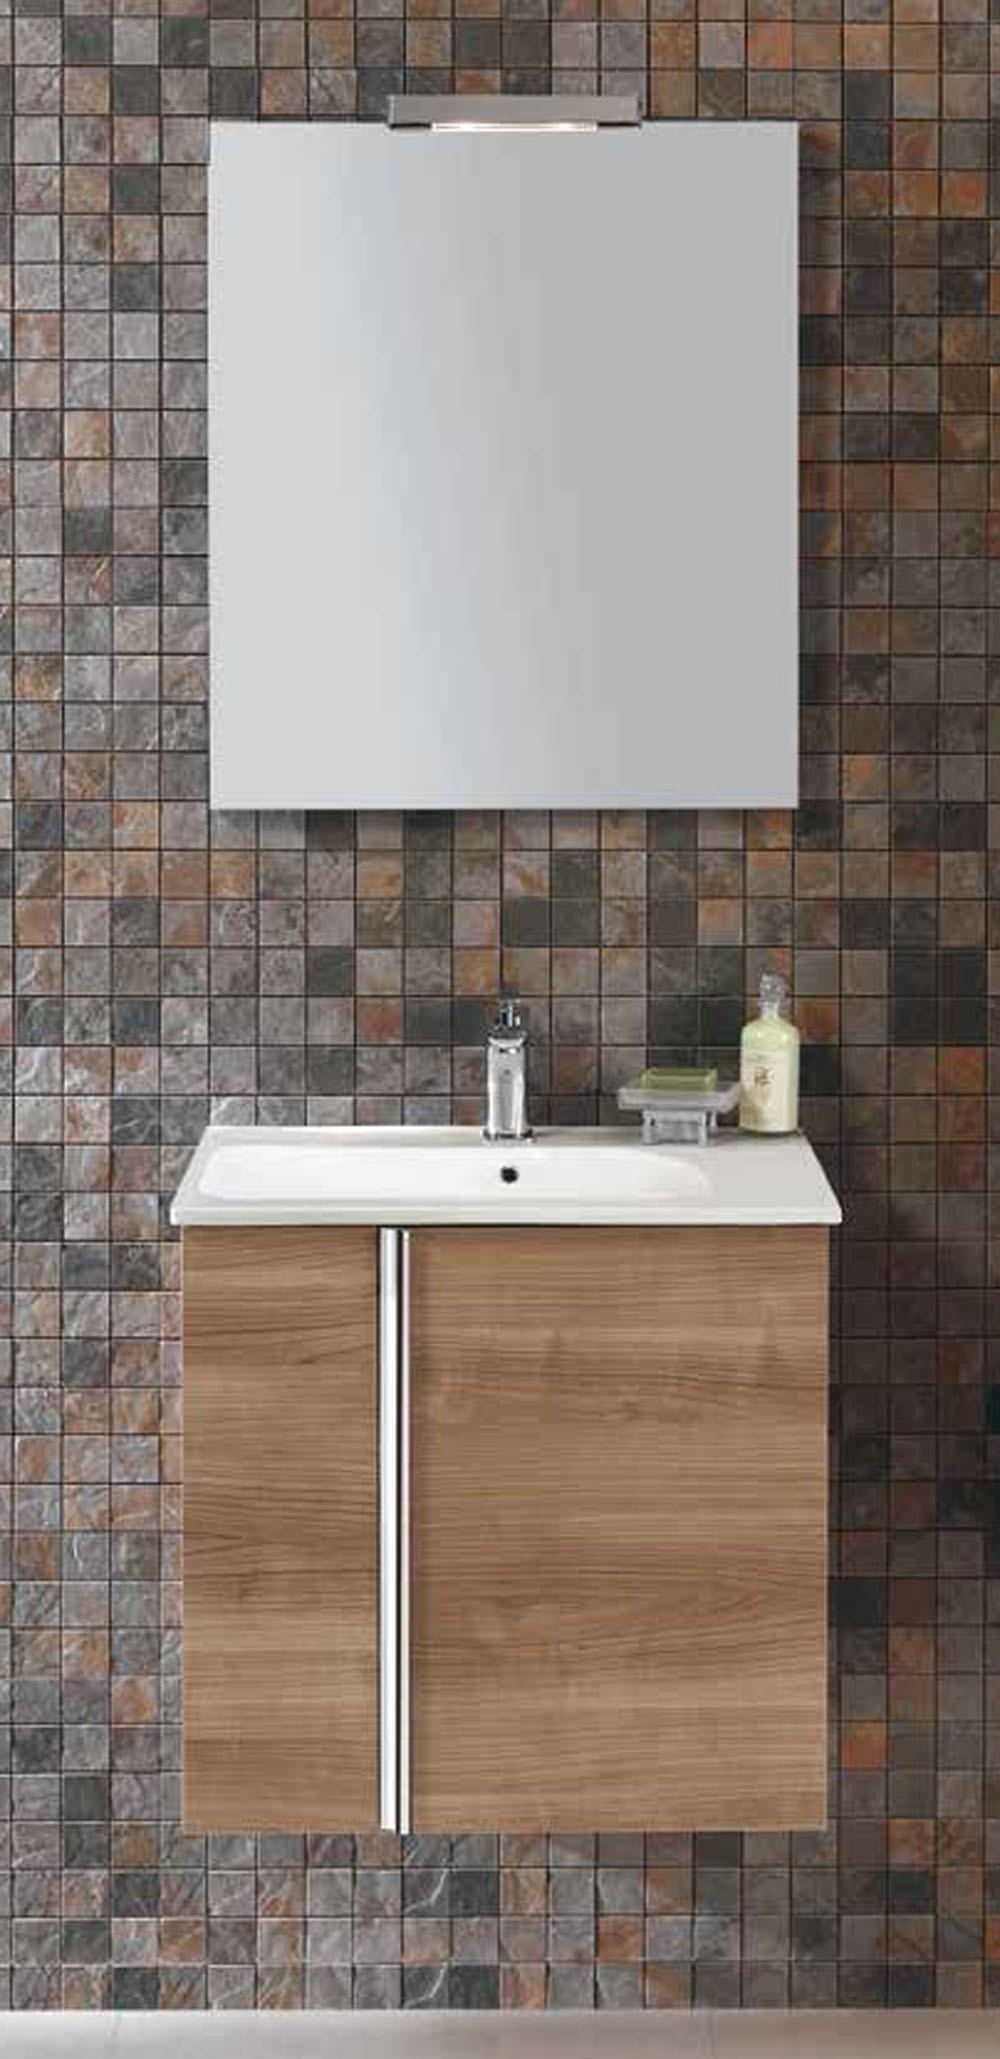 Mueble Baño Gris Arenado:de aseo, mueble de baño, mueble de aseo, mueble para el baño, mueble